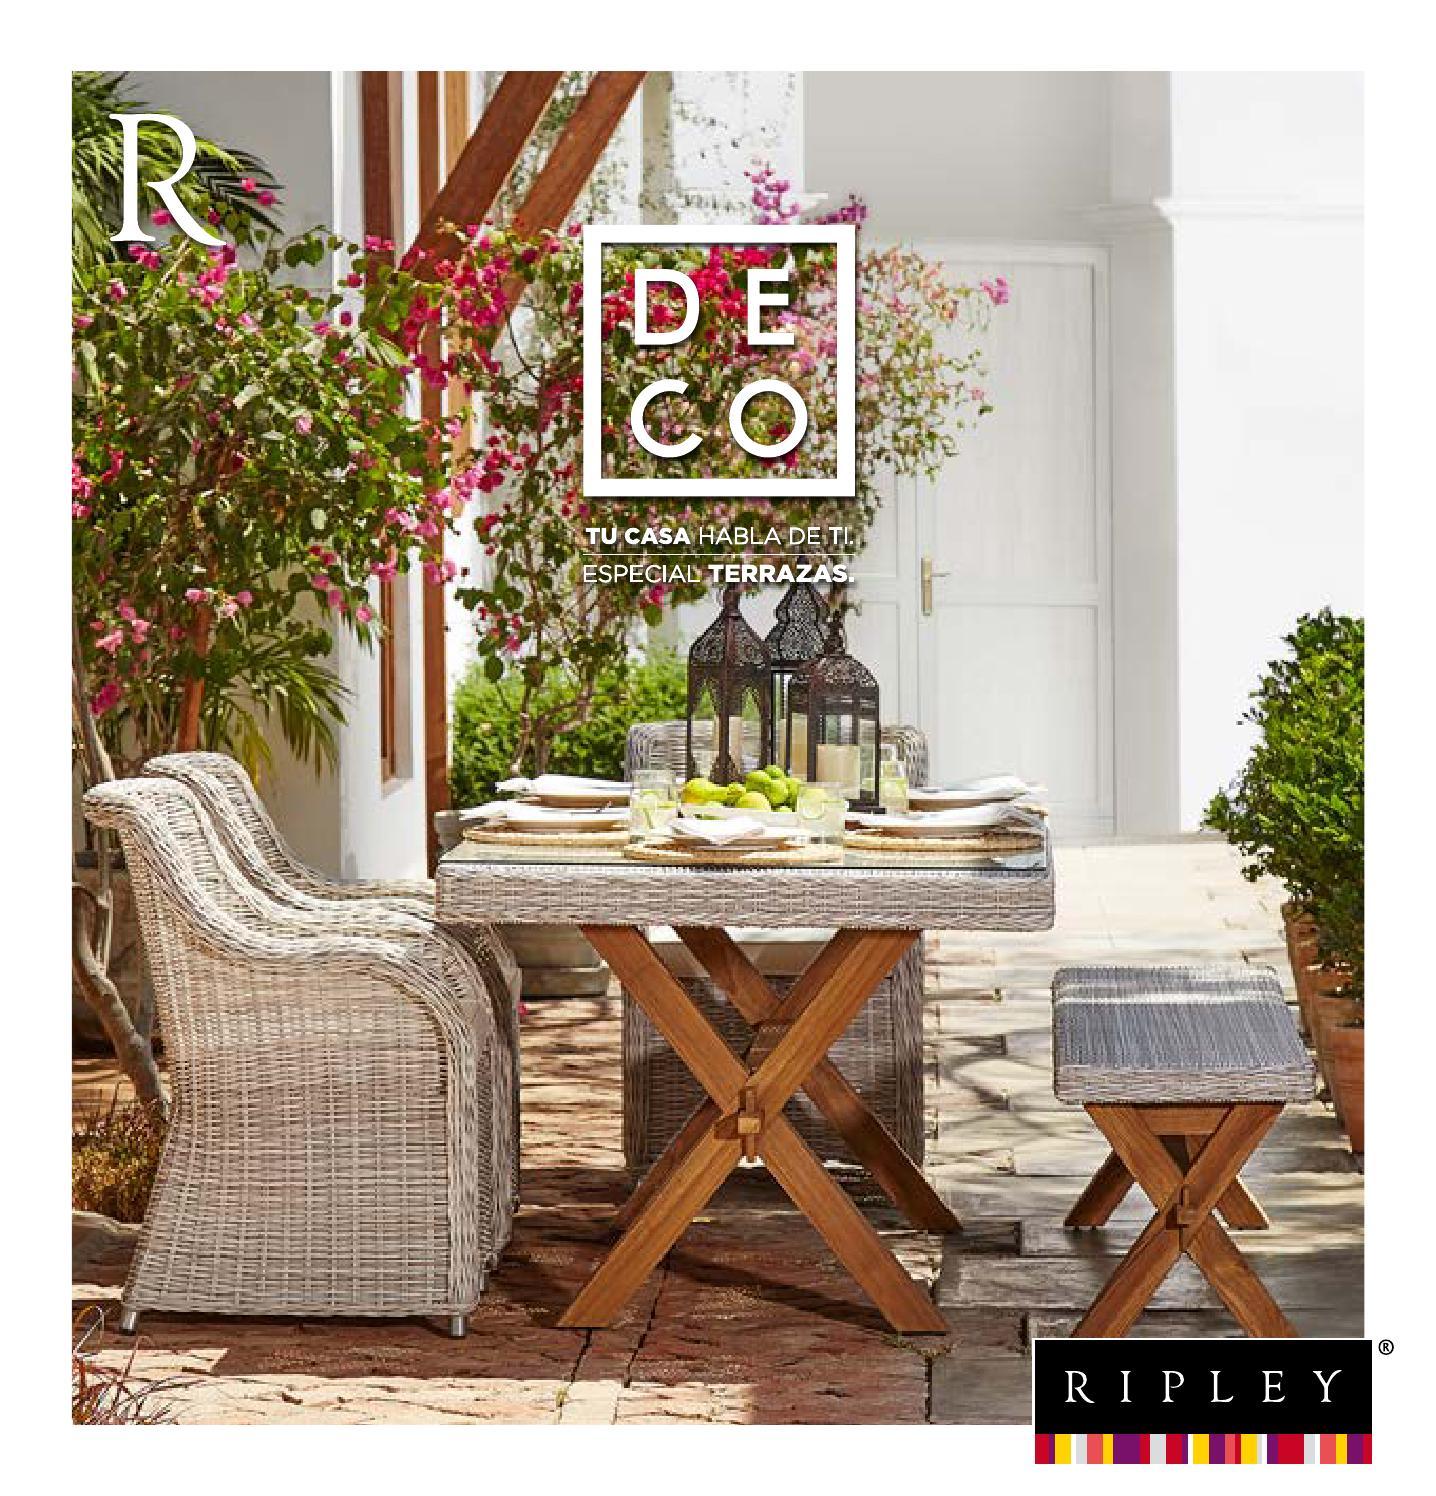 ripley especial terrazas by ripley peru issuu